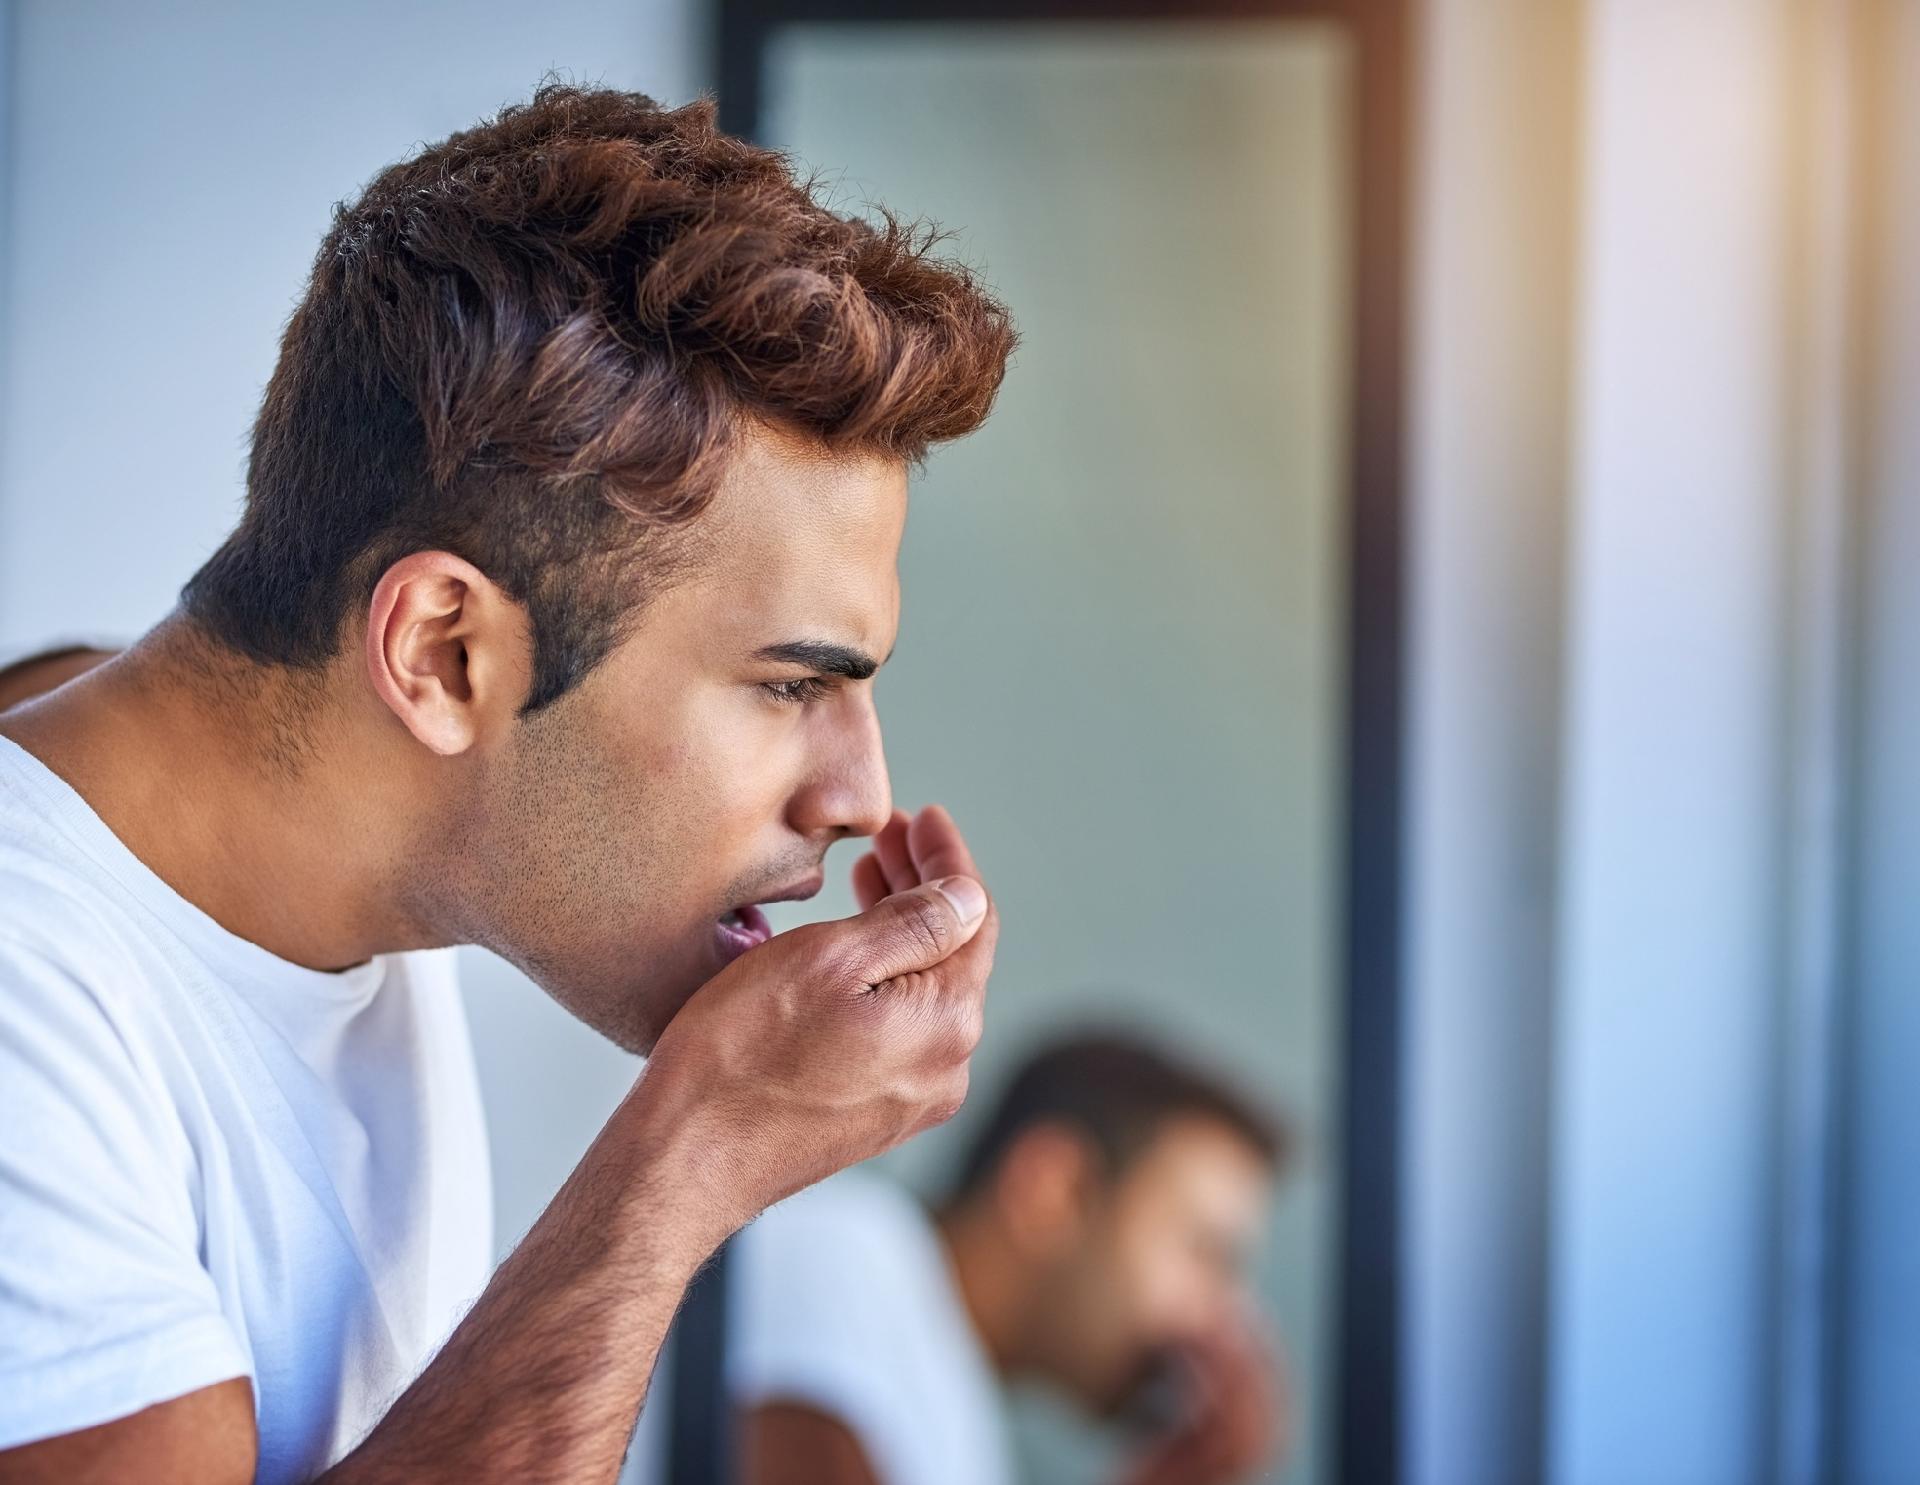 O mau hálito passa pelo beijo?